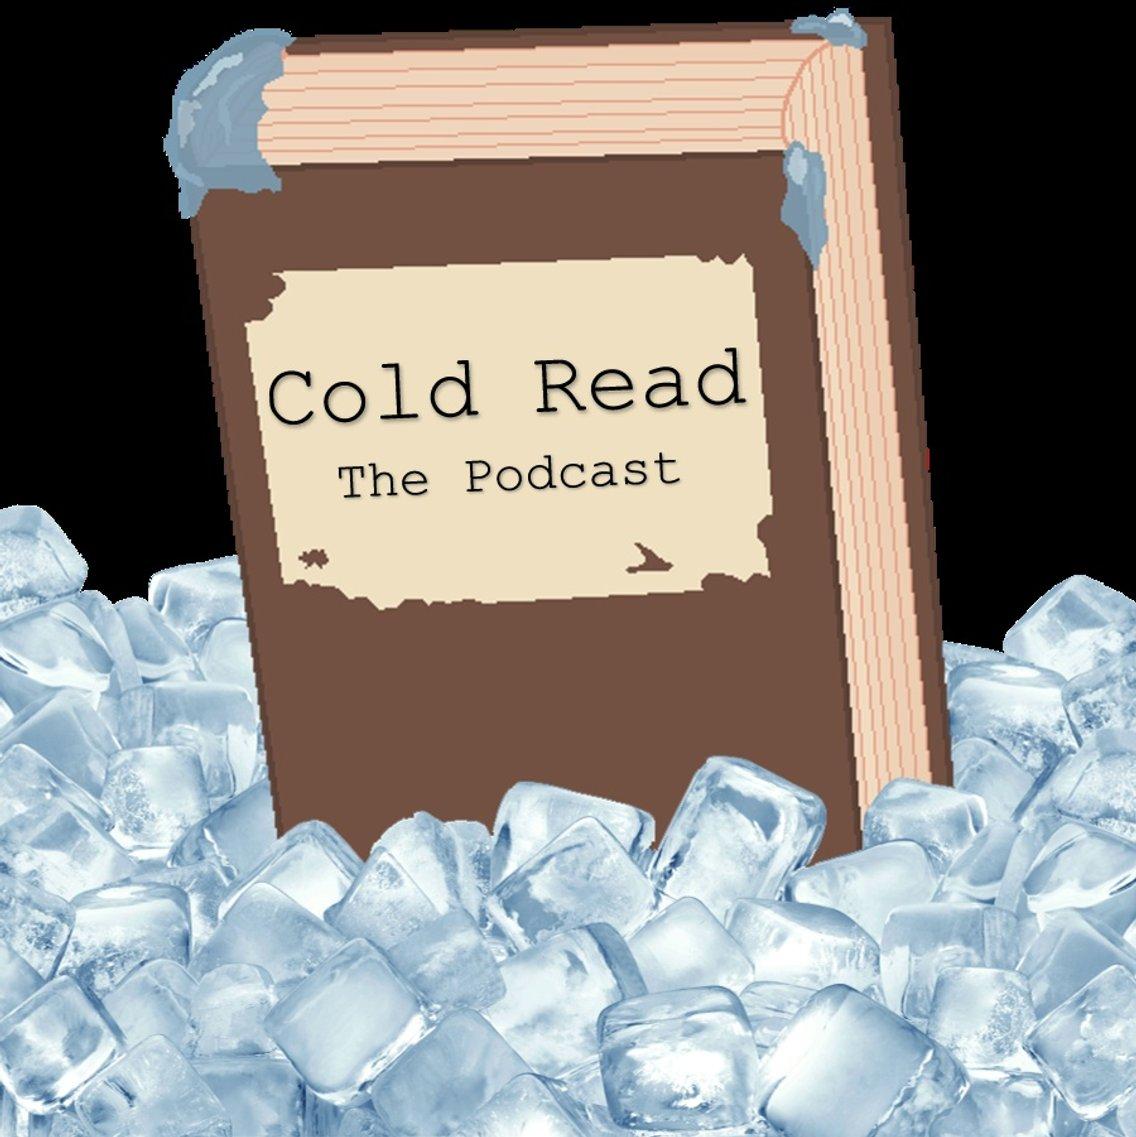 Cold Read a Voice Actor Podcast - immagine di copertina